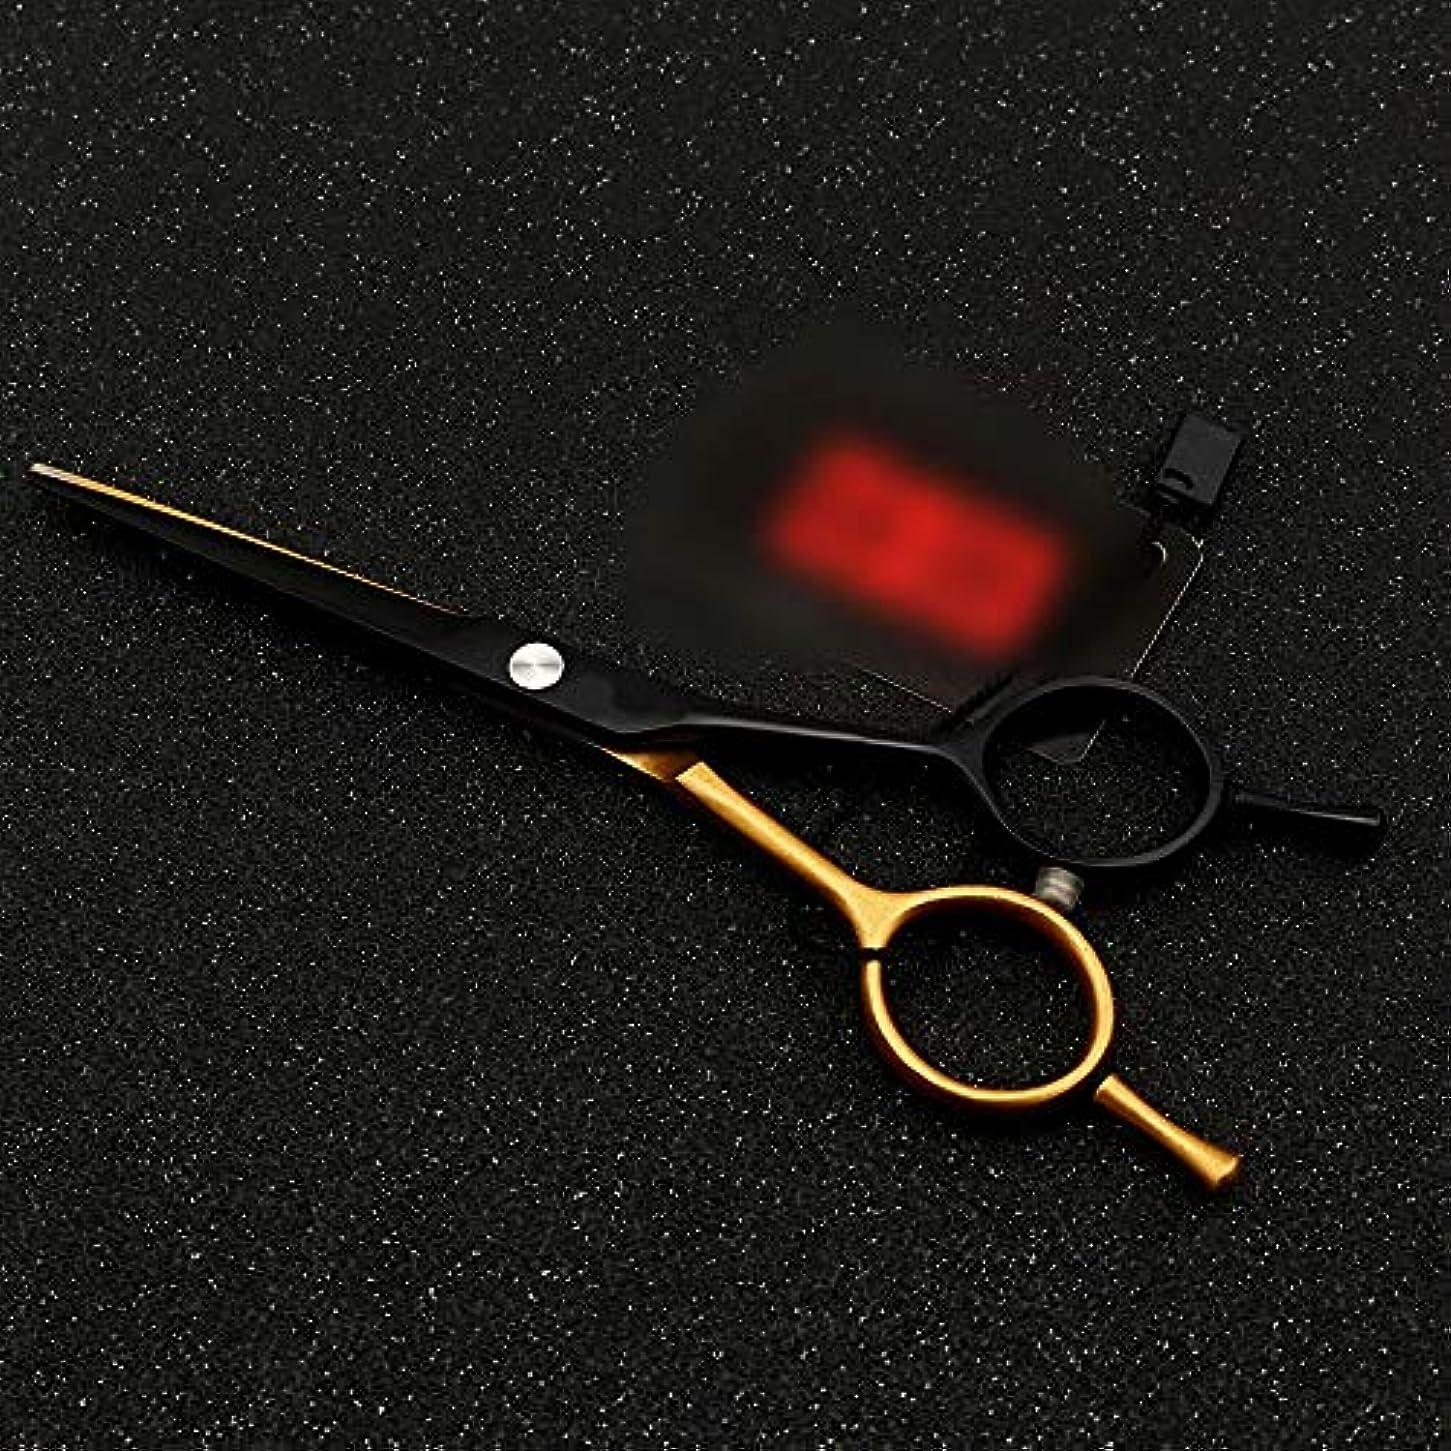 わな聞く製作Goodsok-jp 5.5インチパーソナライズされた散髪はさみ、平らなせん断歯はさみ単語はさみ (色 : Gold black)